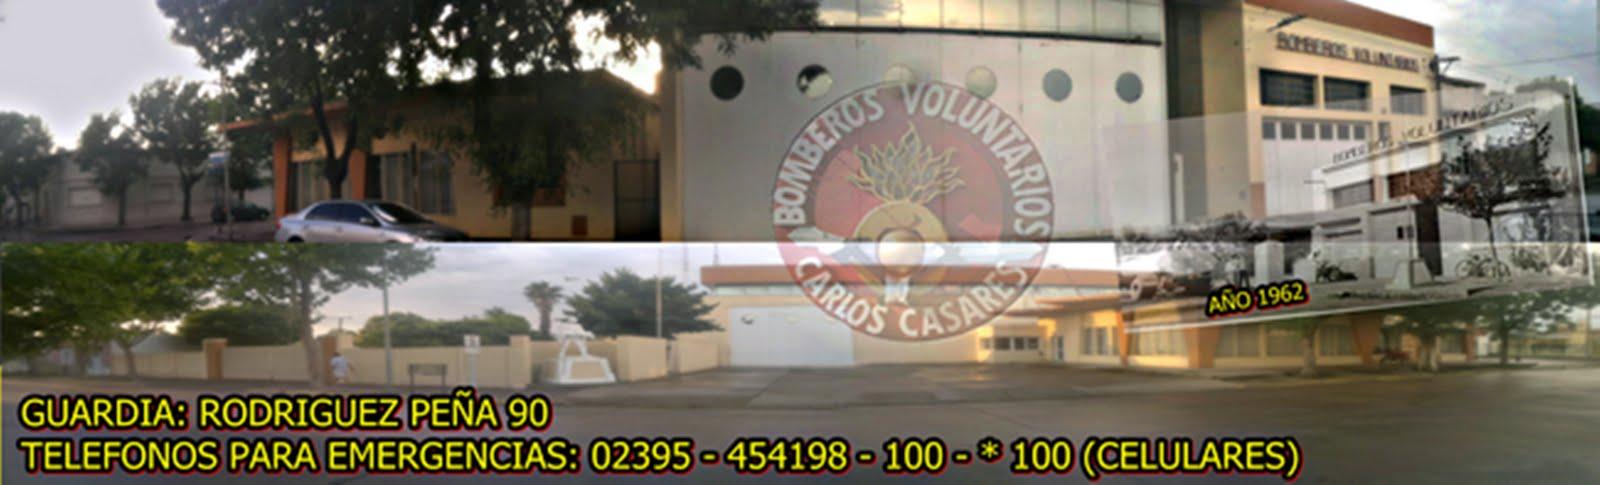 Asociacion Bomberos Voluntarios de Carlos Casares